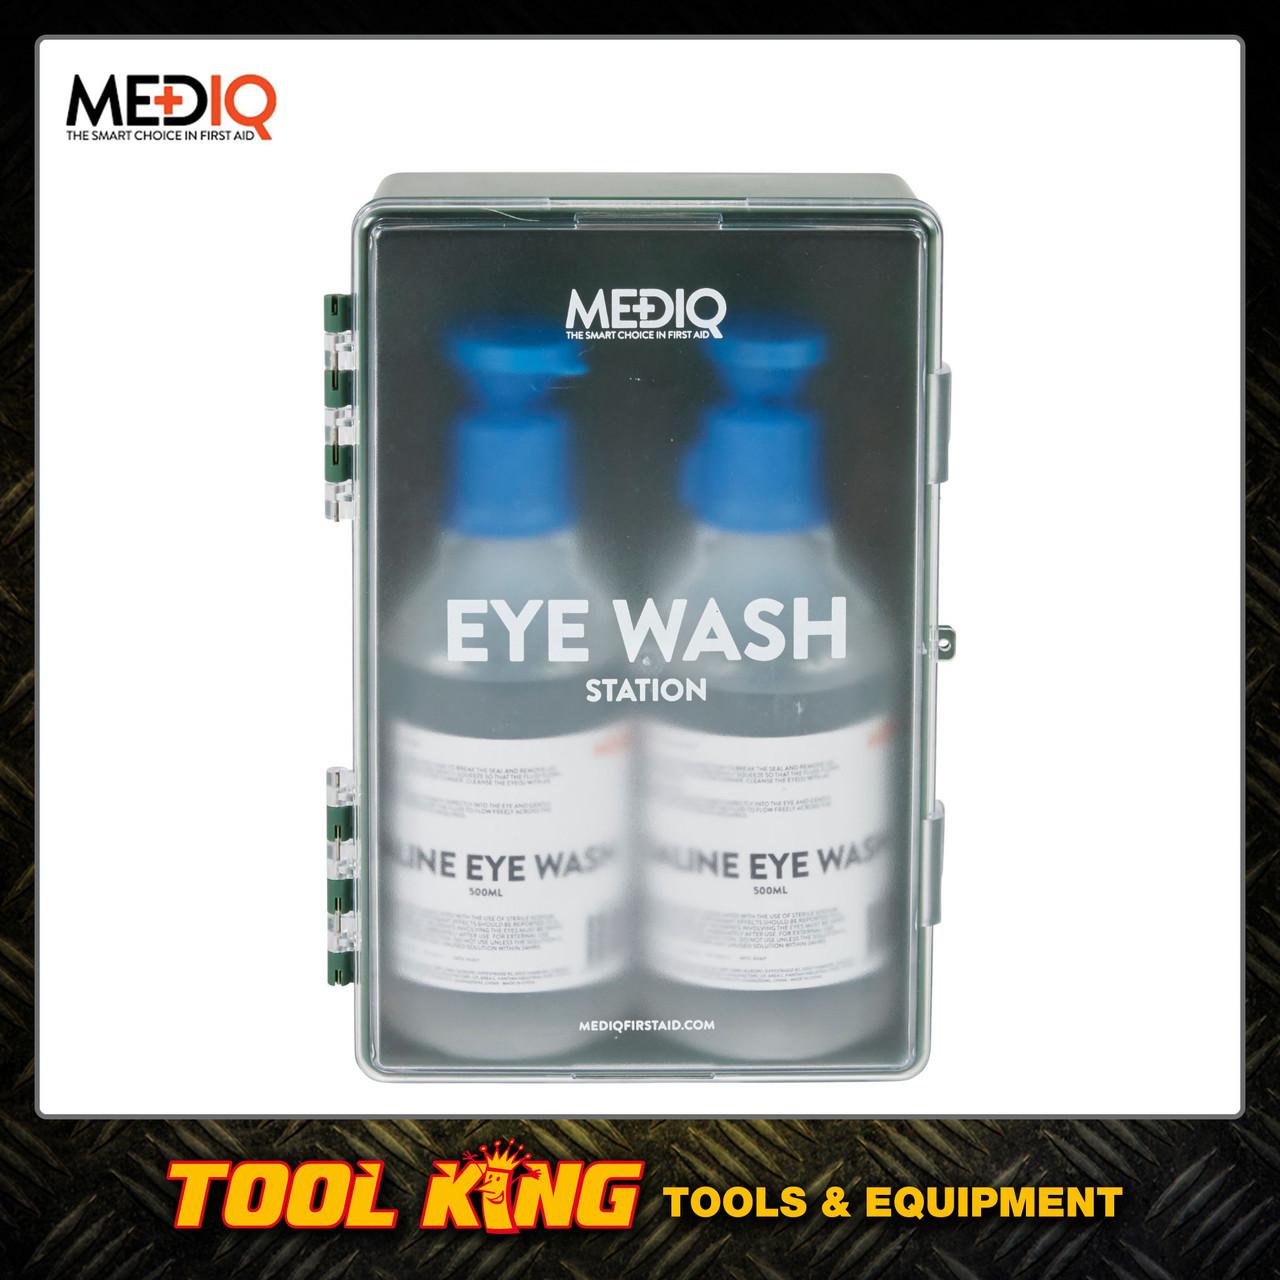 First Aid EYE WASH Station MEDIQ